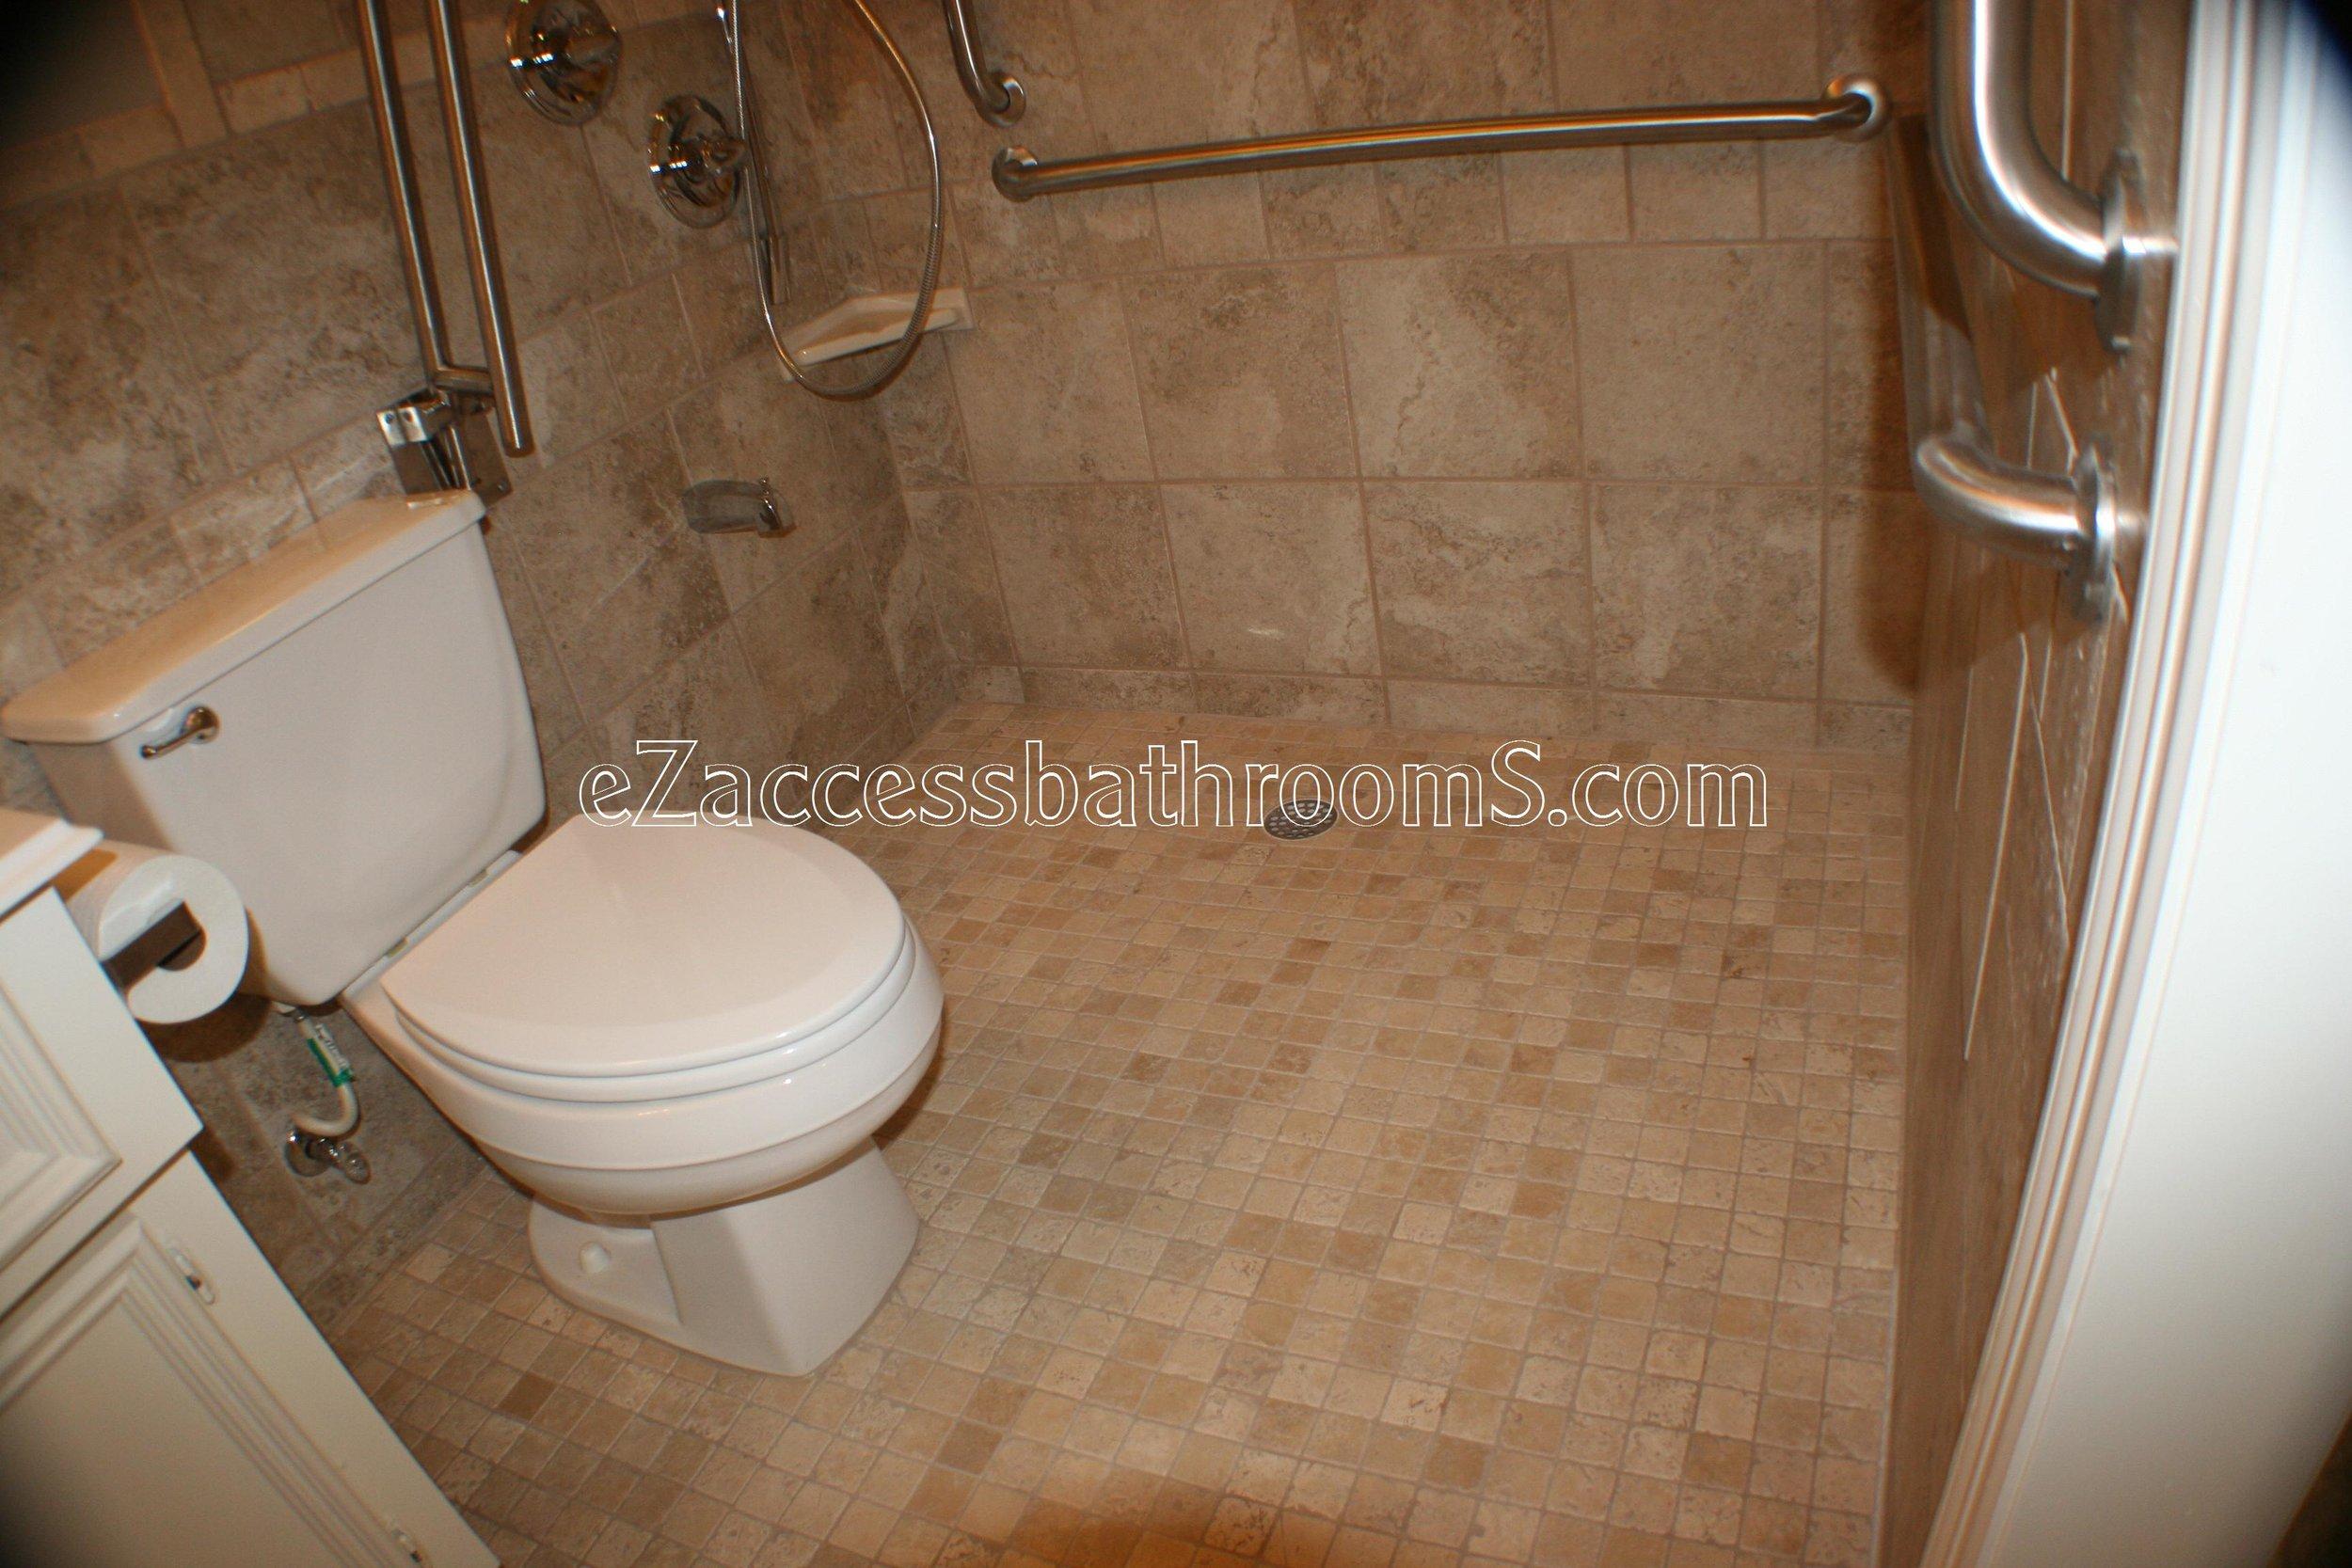 handicap bathroom 01 ezacessbathrooms.com 020.jpg